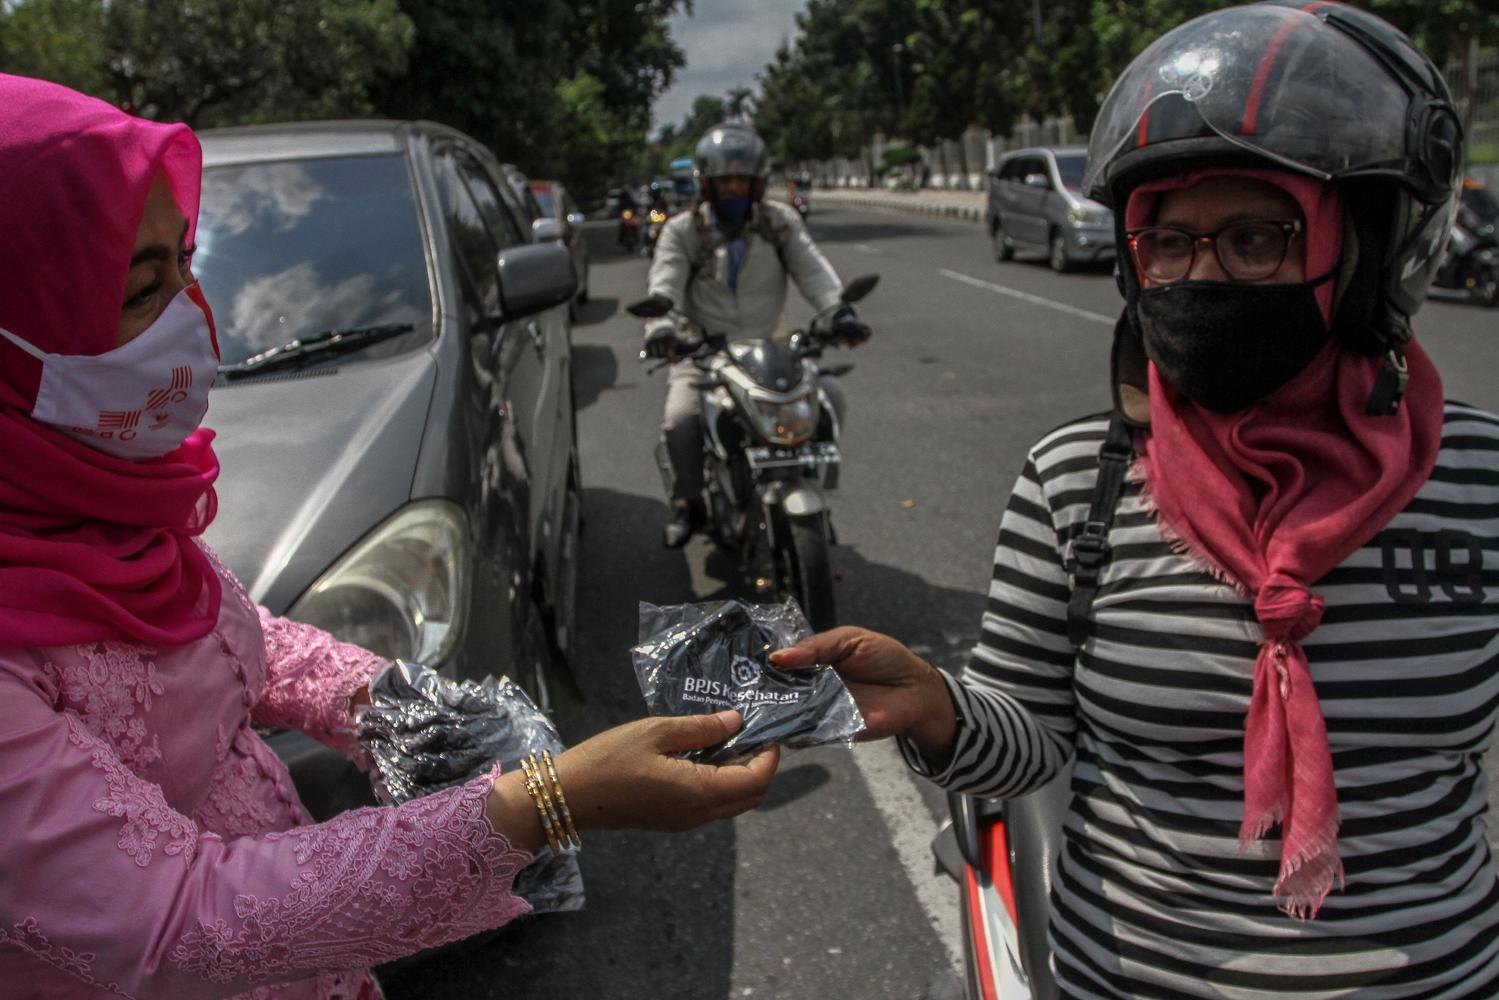 Pegawai dari Dinas Kesehatan Provinsi Riau bersama komunitas relawan membagikan masker kepada pengguna jalan raya di Jalan Sudirman, Pekanbaru, Riau, Kamis (12/11/2020). Dalam memperingati Hari Kesehatan Nasional yang ke-56 Dinas Kesehatan Provinsi Riau membagikan sebanyak tujuh ribu masker untuk masyarakat sekaligus mengingatkan kembali untuk tetap mematuhi protokol kesehatan COVID-19.